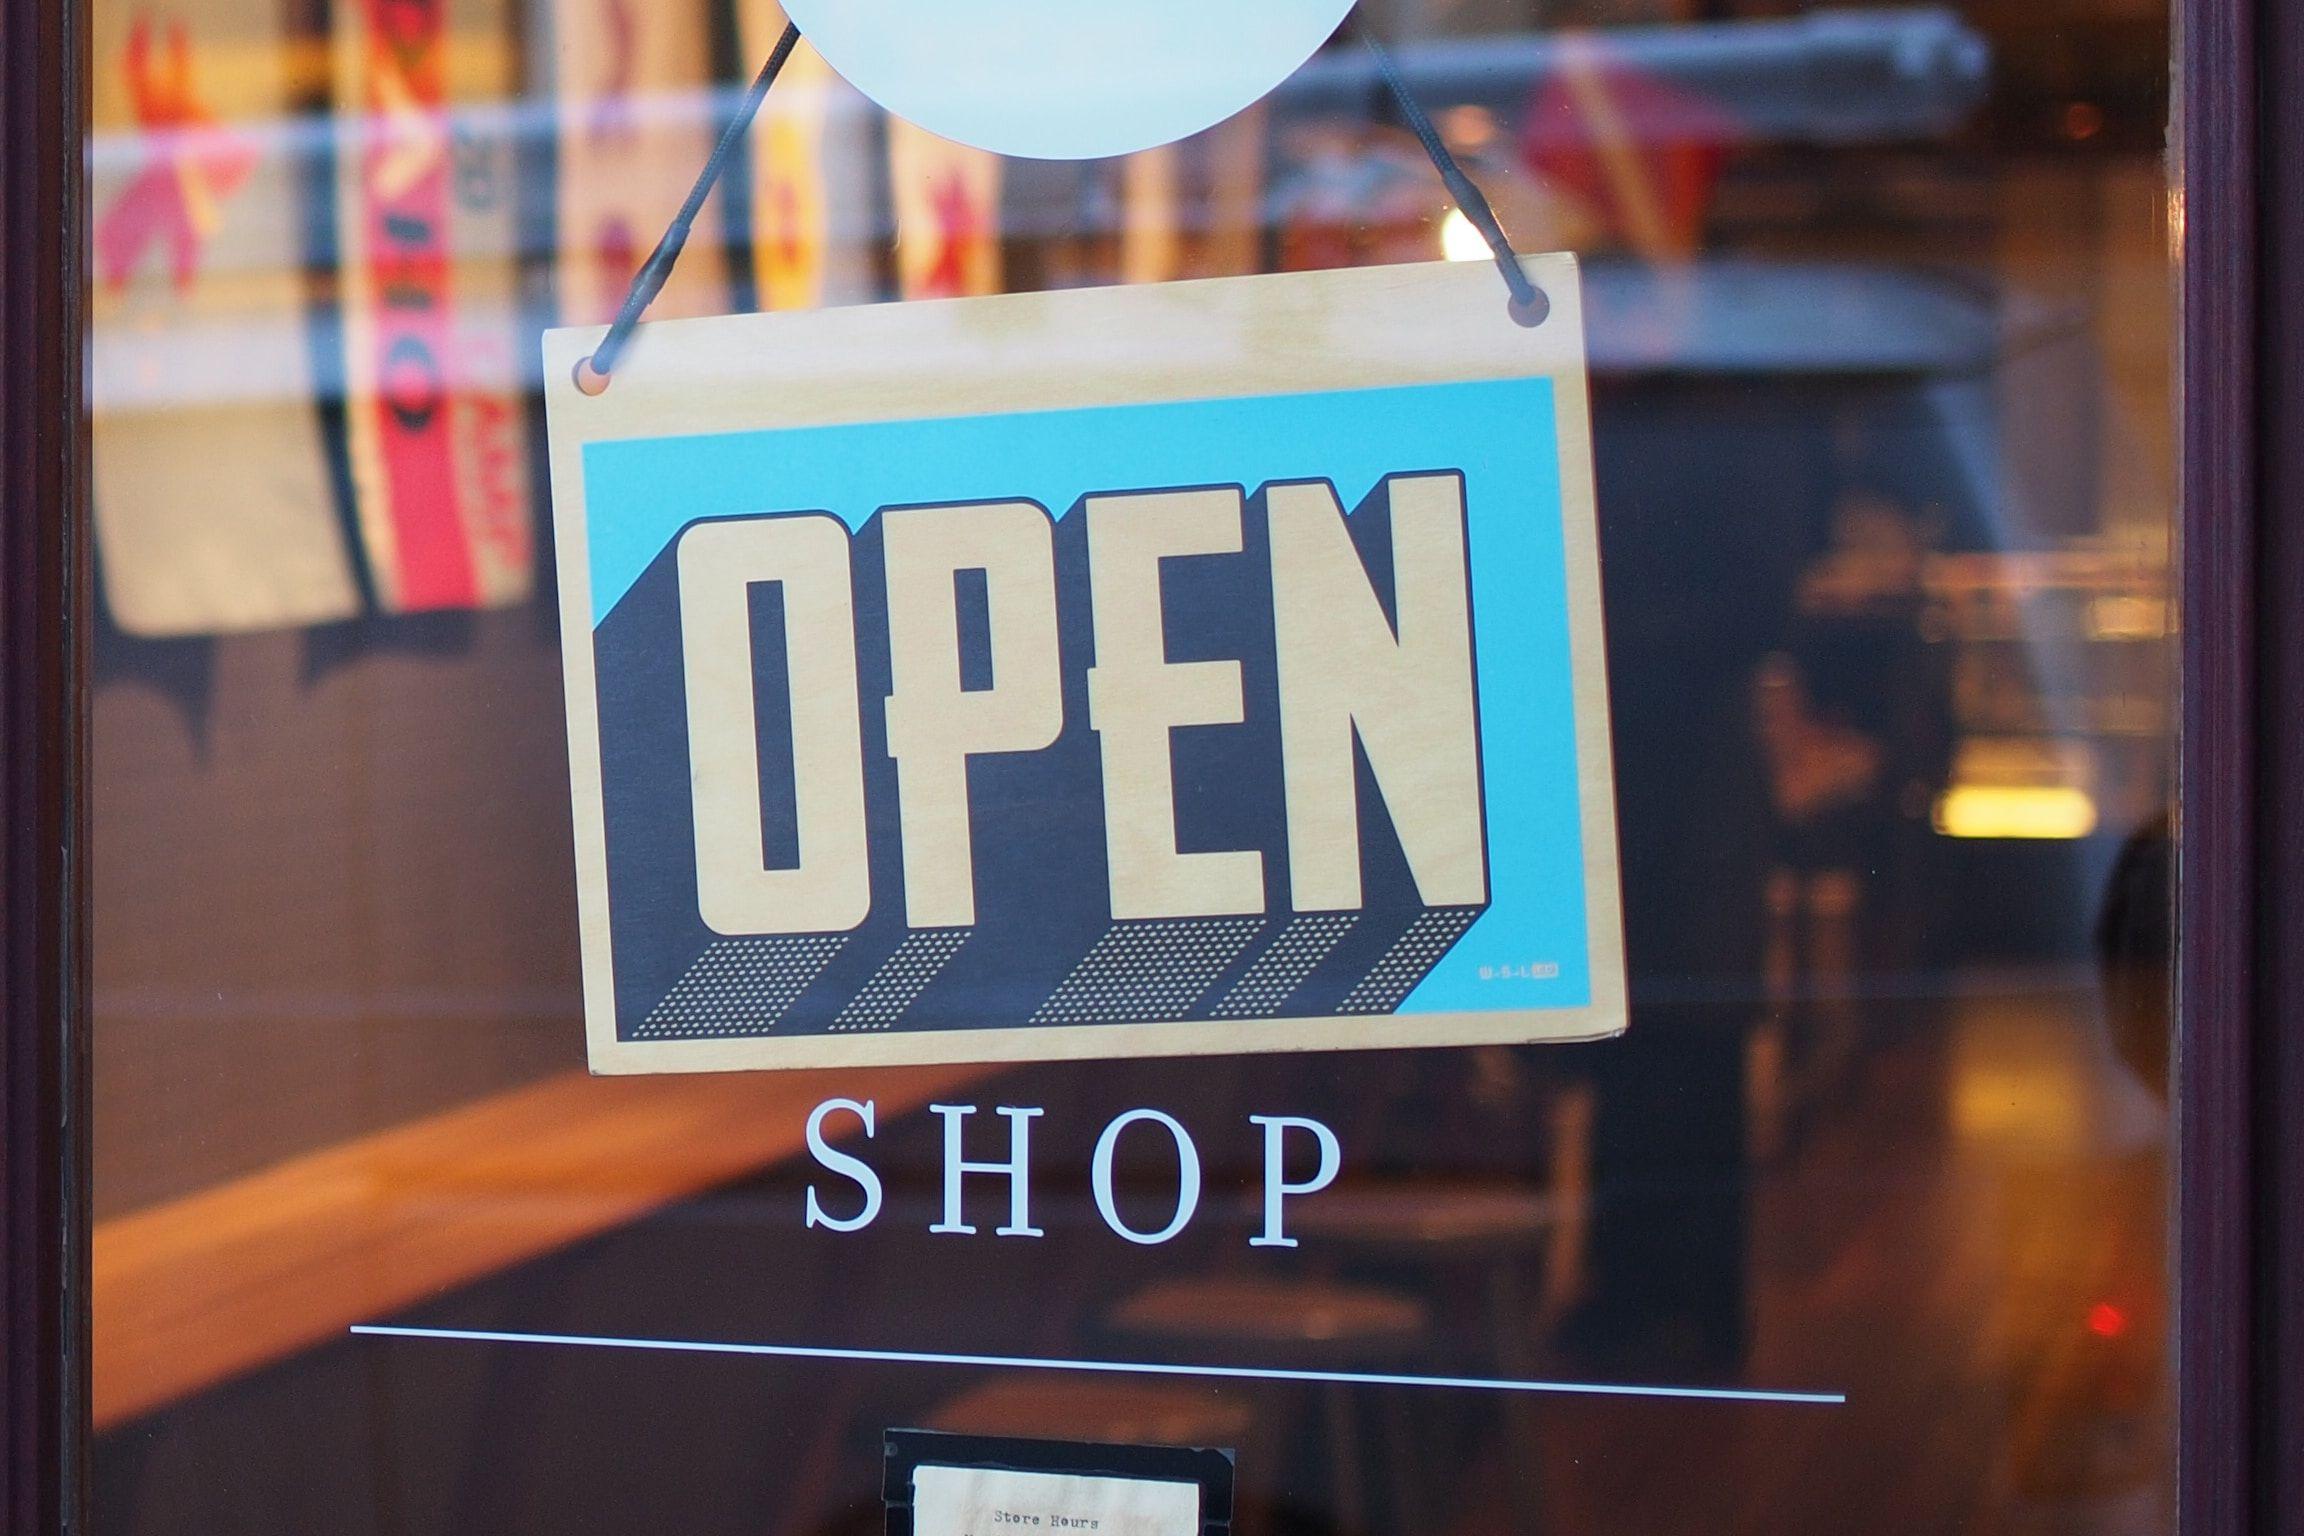 open sign on a boutique shop